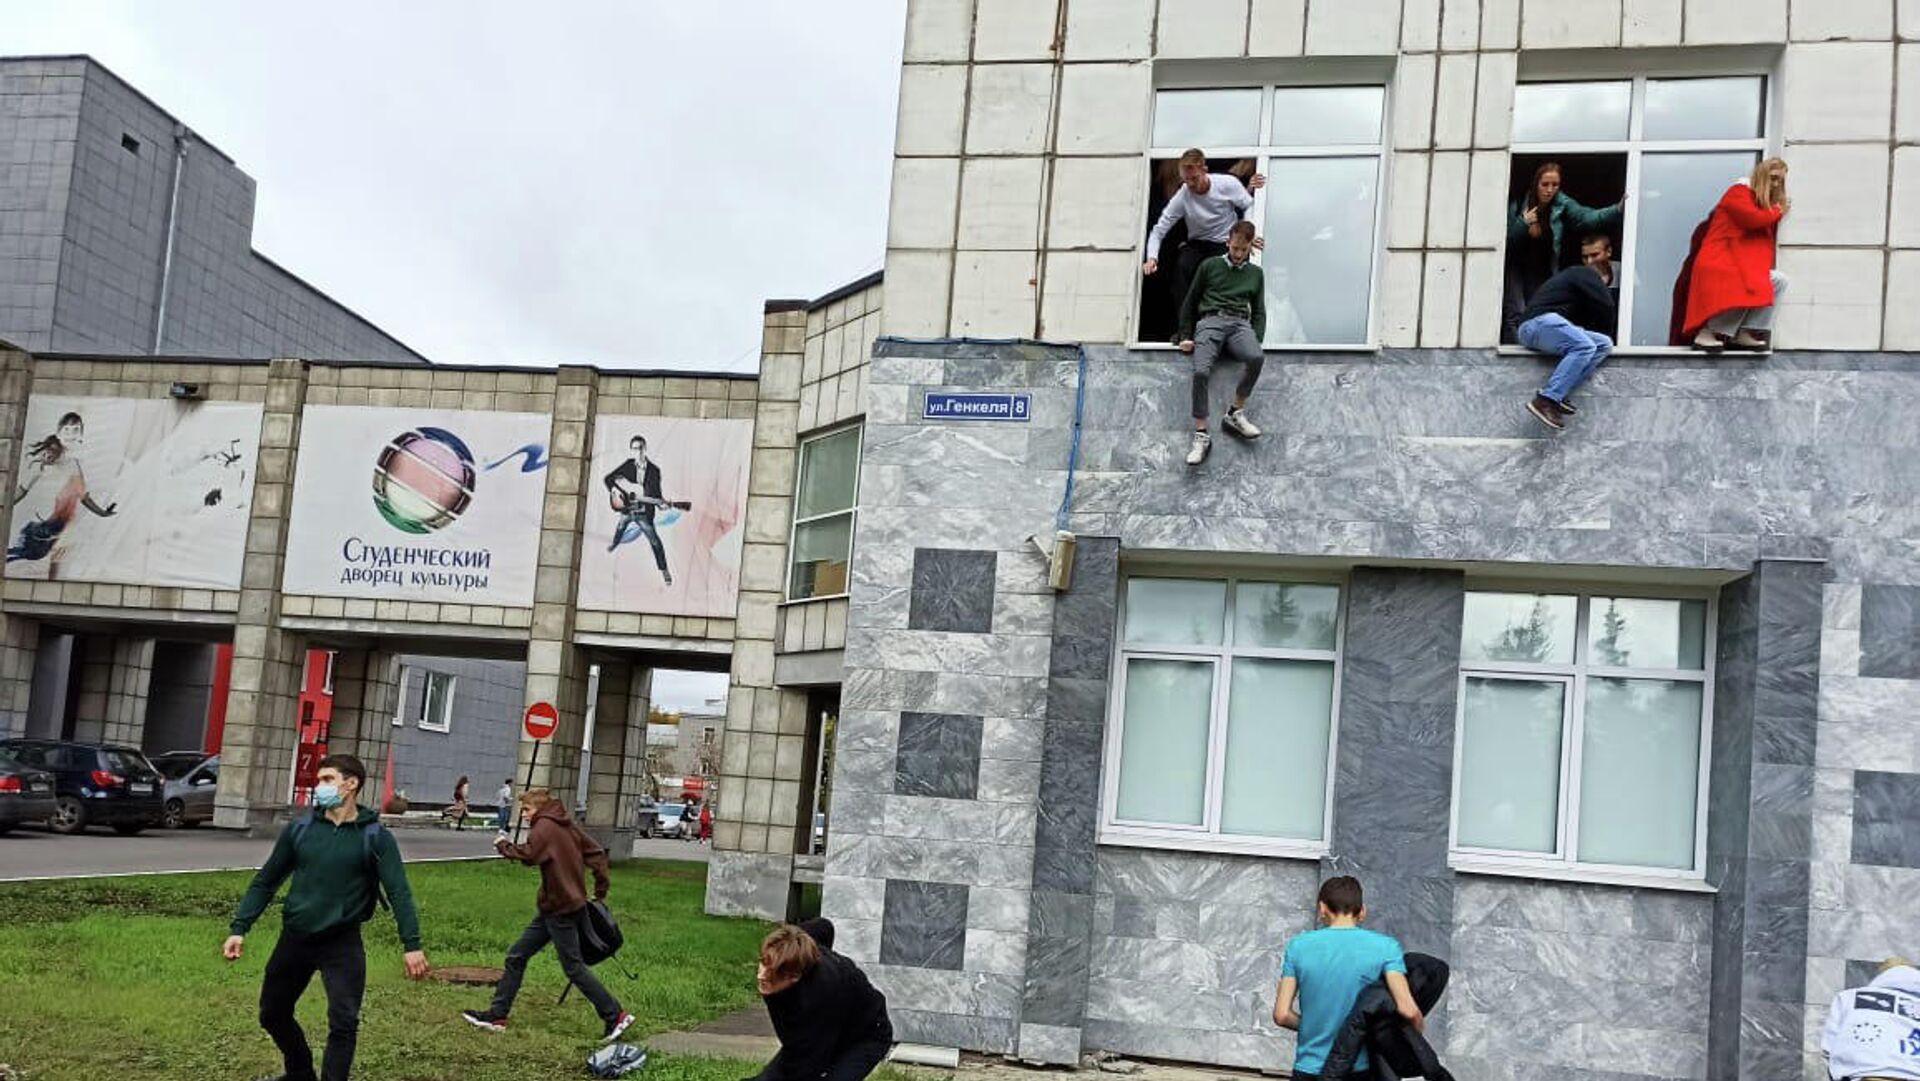 Ρωσία: Στιγμές τρόμου με ένοπλο να ανοίγει πυρ σε πανεπιστήμιο - Sputnik Ελλάδα, 1920, 20.09.2021